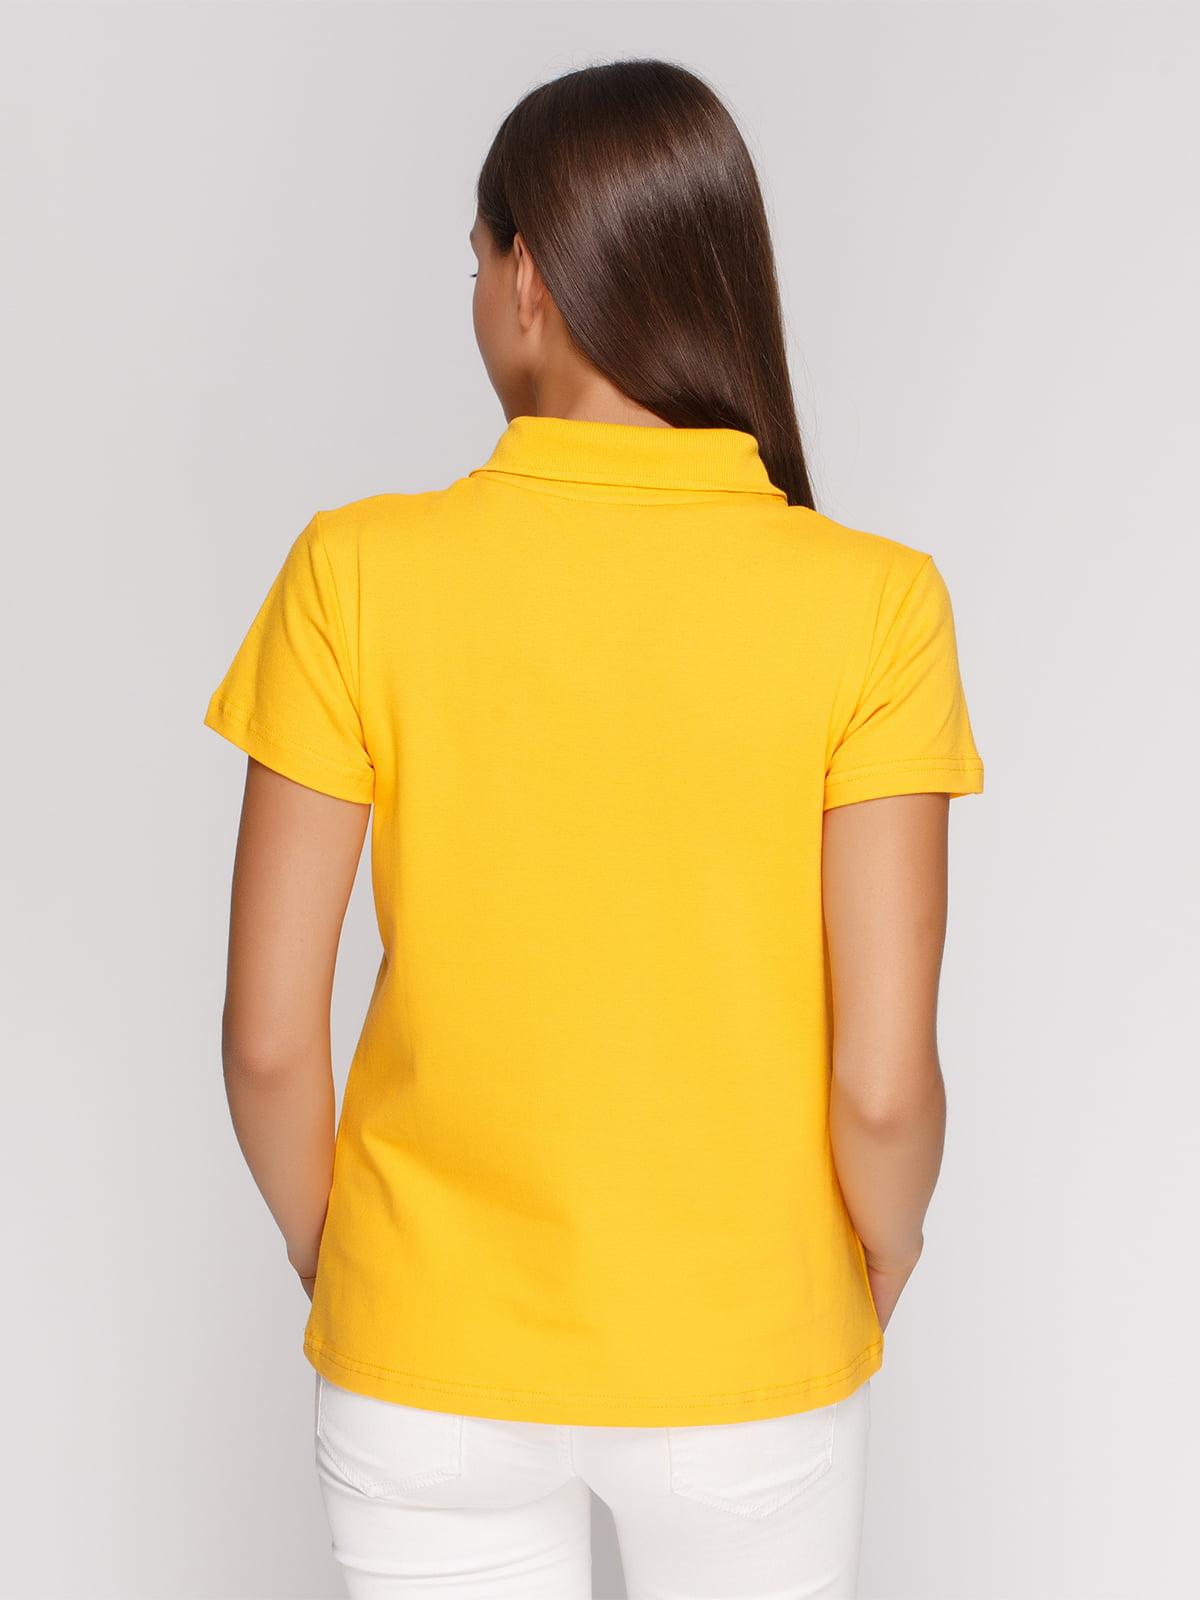 Футболка-поло желтая с принтом | 4578491 | фото 2